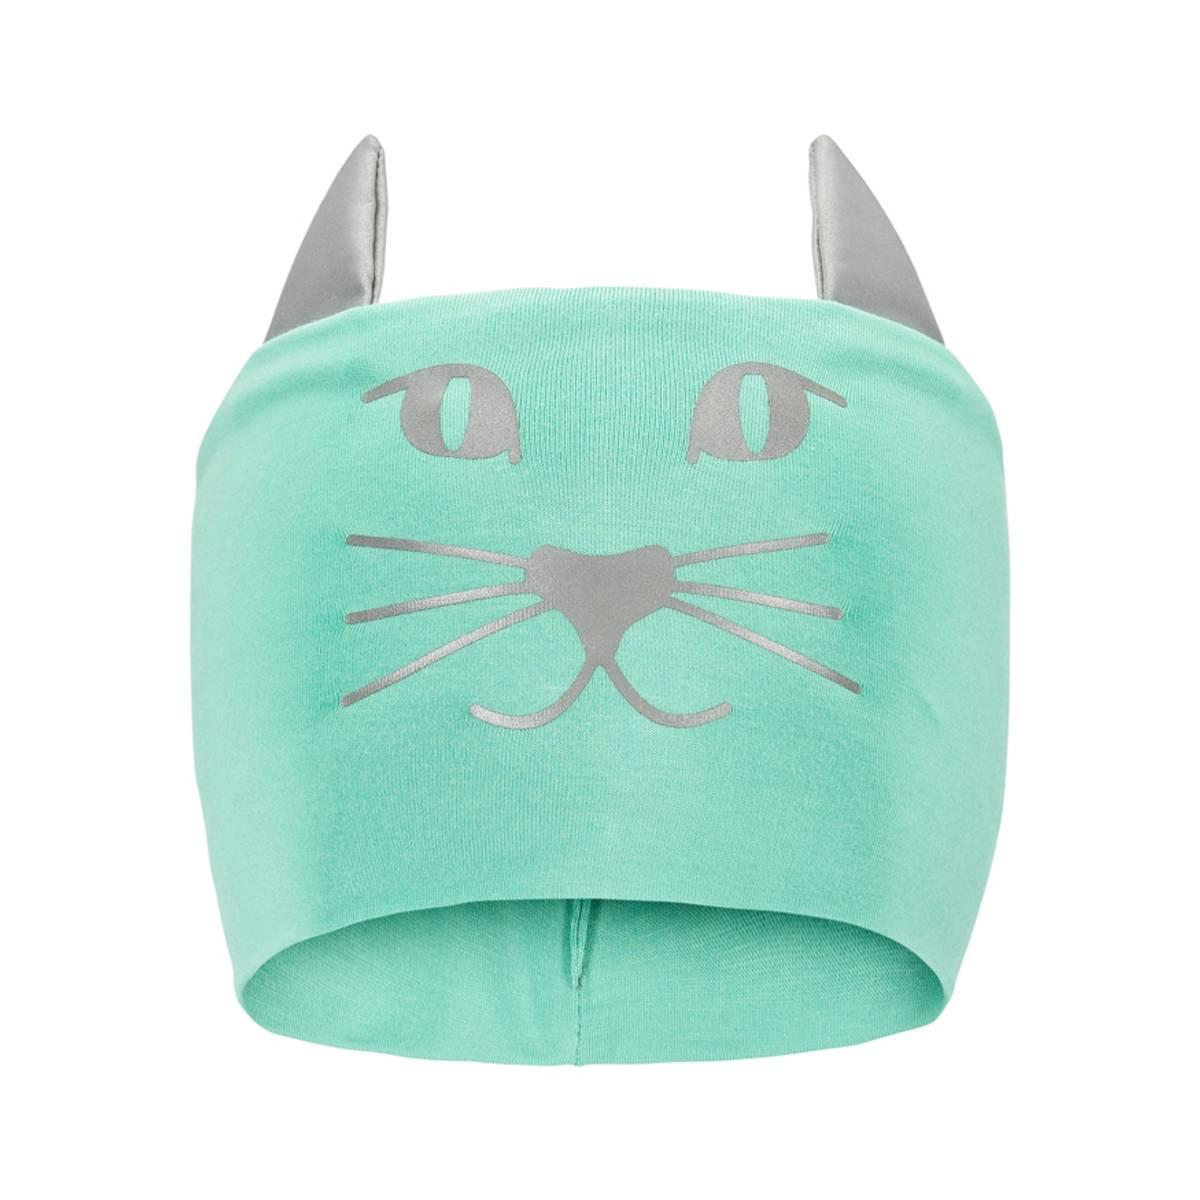 Morild Funkle pannebånd med refleks, puddergrønn kattepus